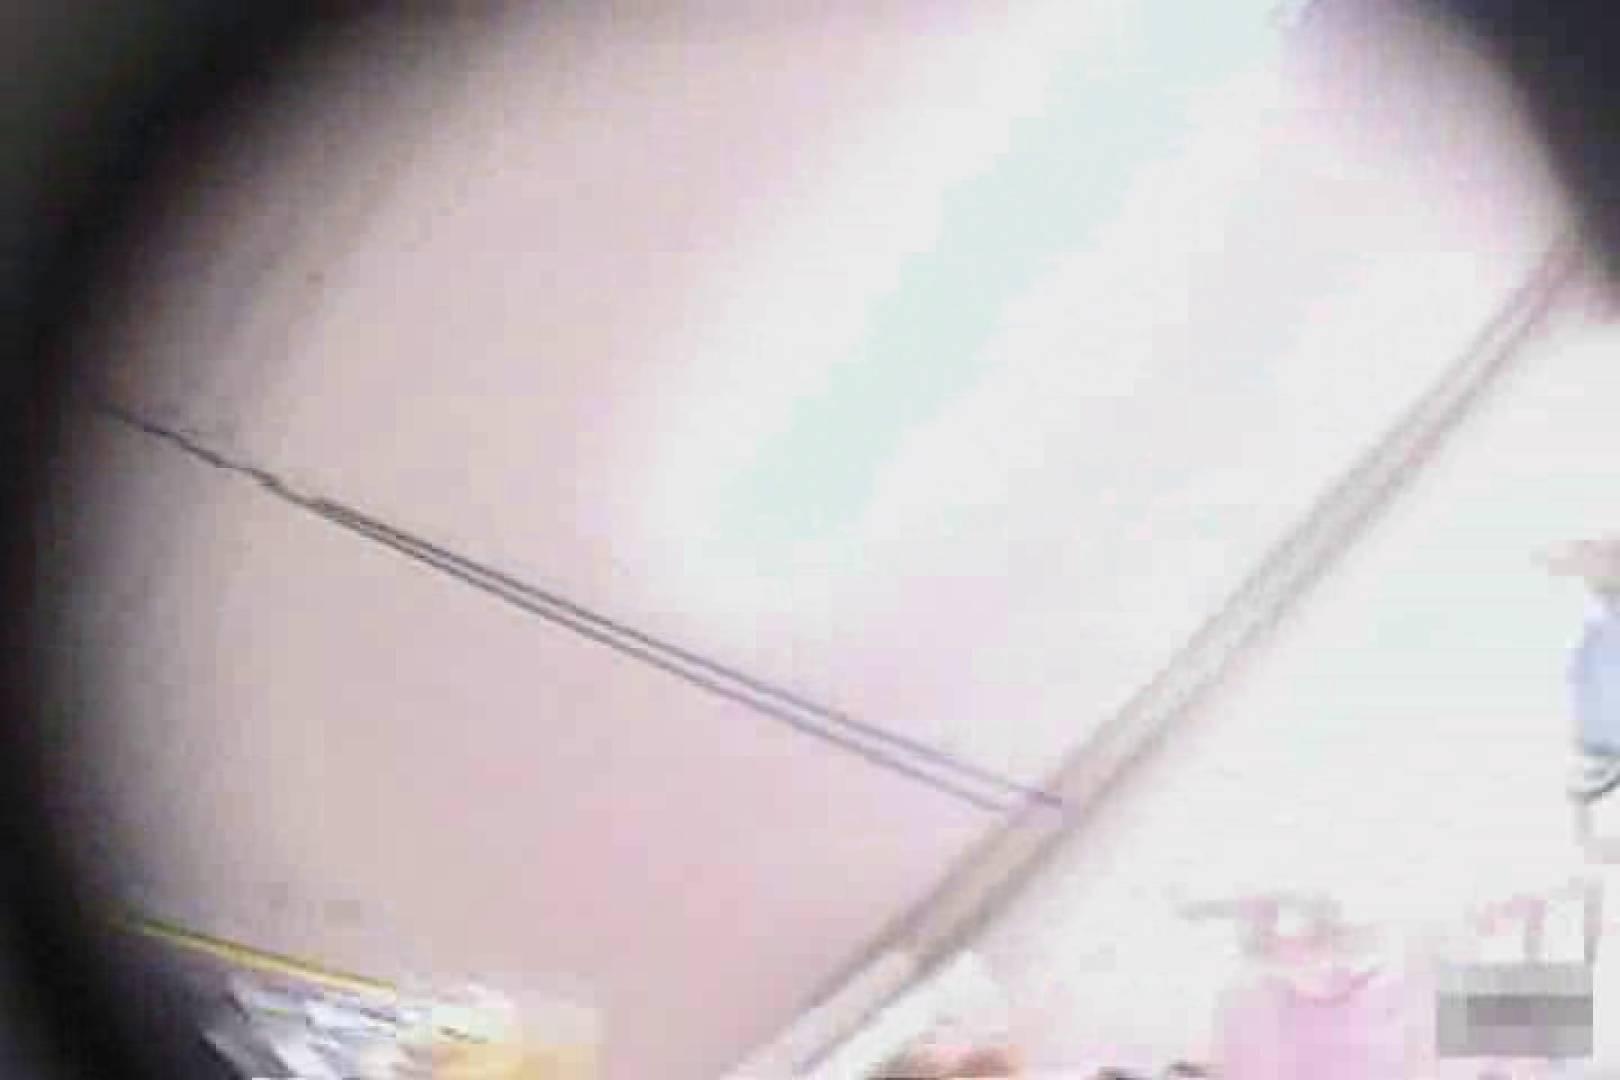 パンチラ七変化!!Vol.14 チラ 盗撮エロ画像 97画像 72